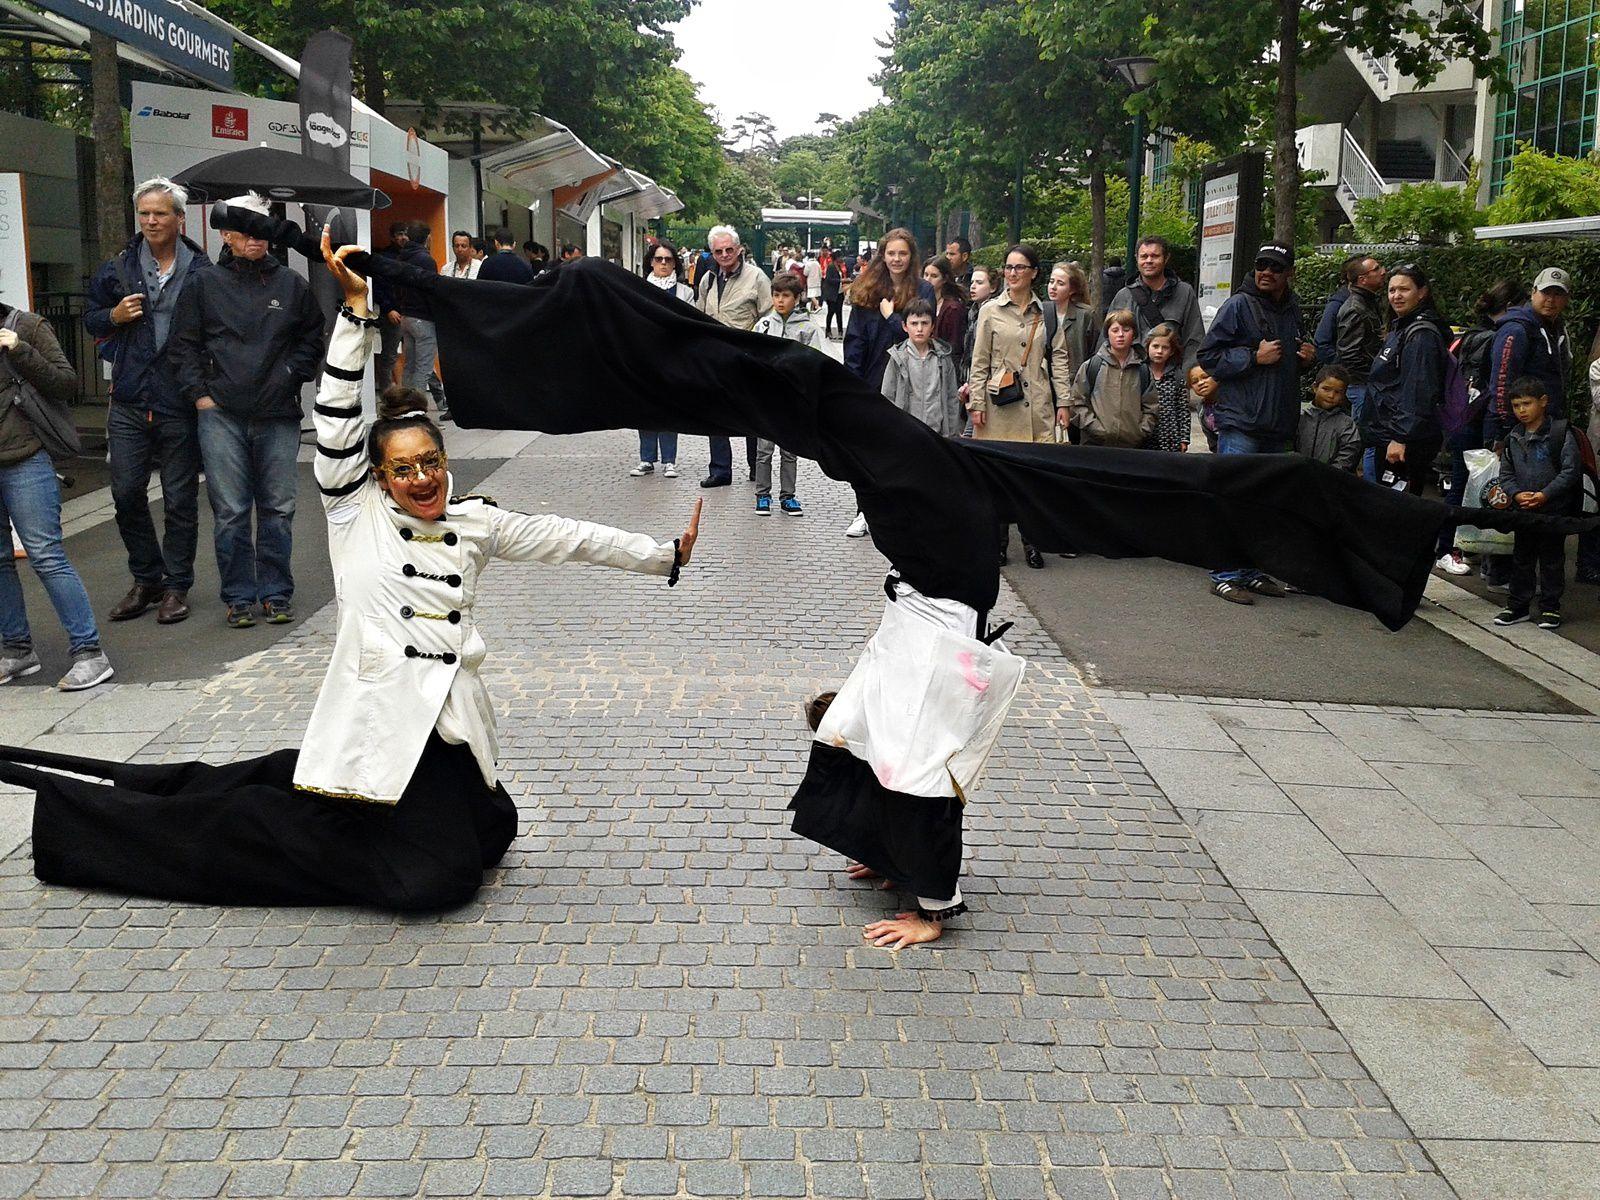 Déambulation sur échasses avec différents costumes et techniques :  lumineux, drapeau, batons, voiles, portés acrobatiques.